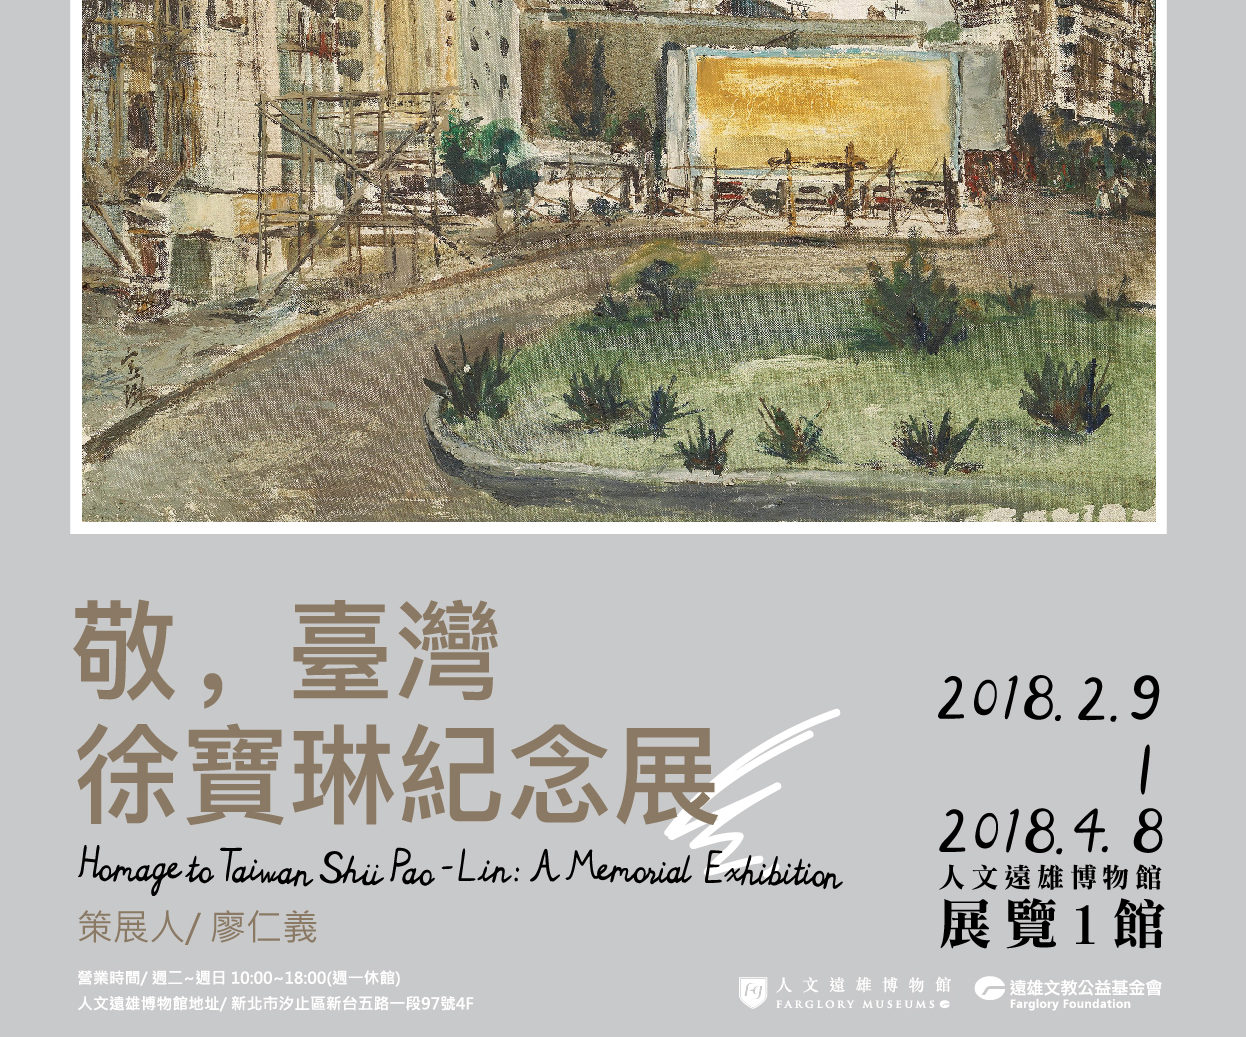 【展覽資訊|《敬,臺灣》徐寶琳紀念展】